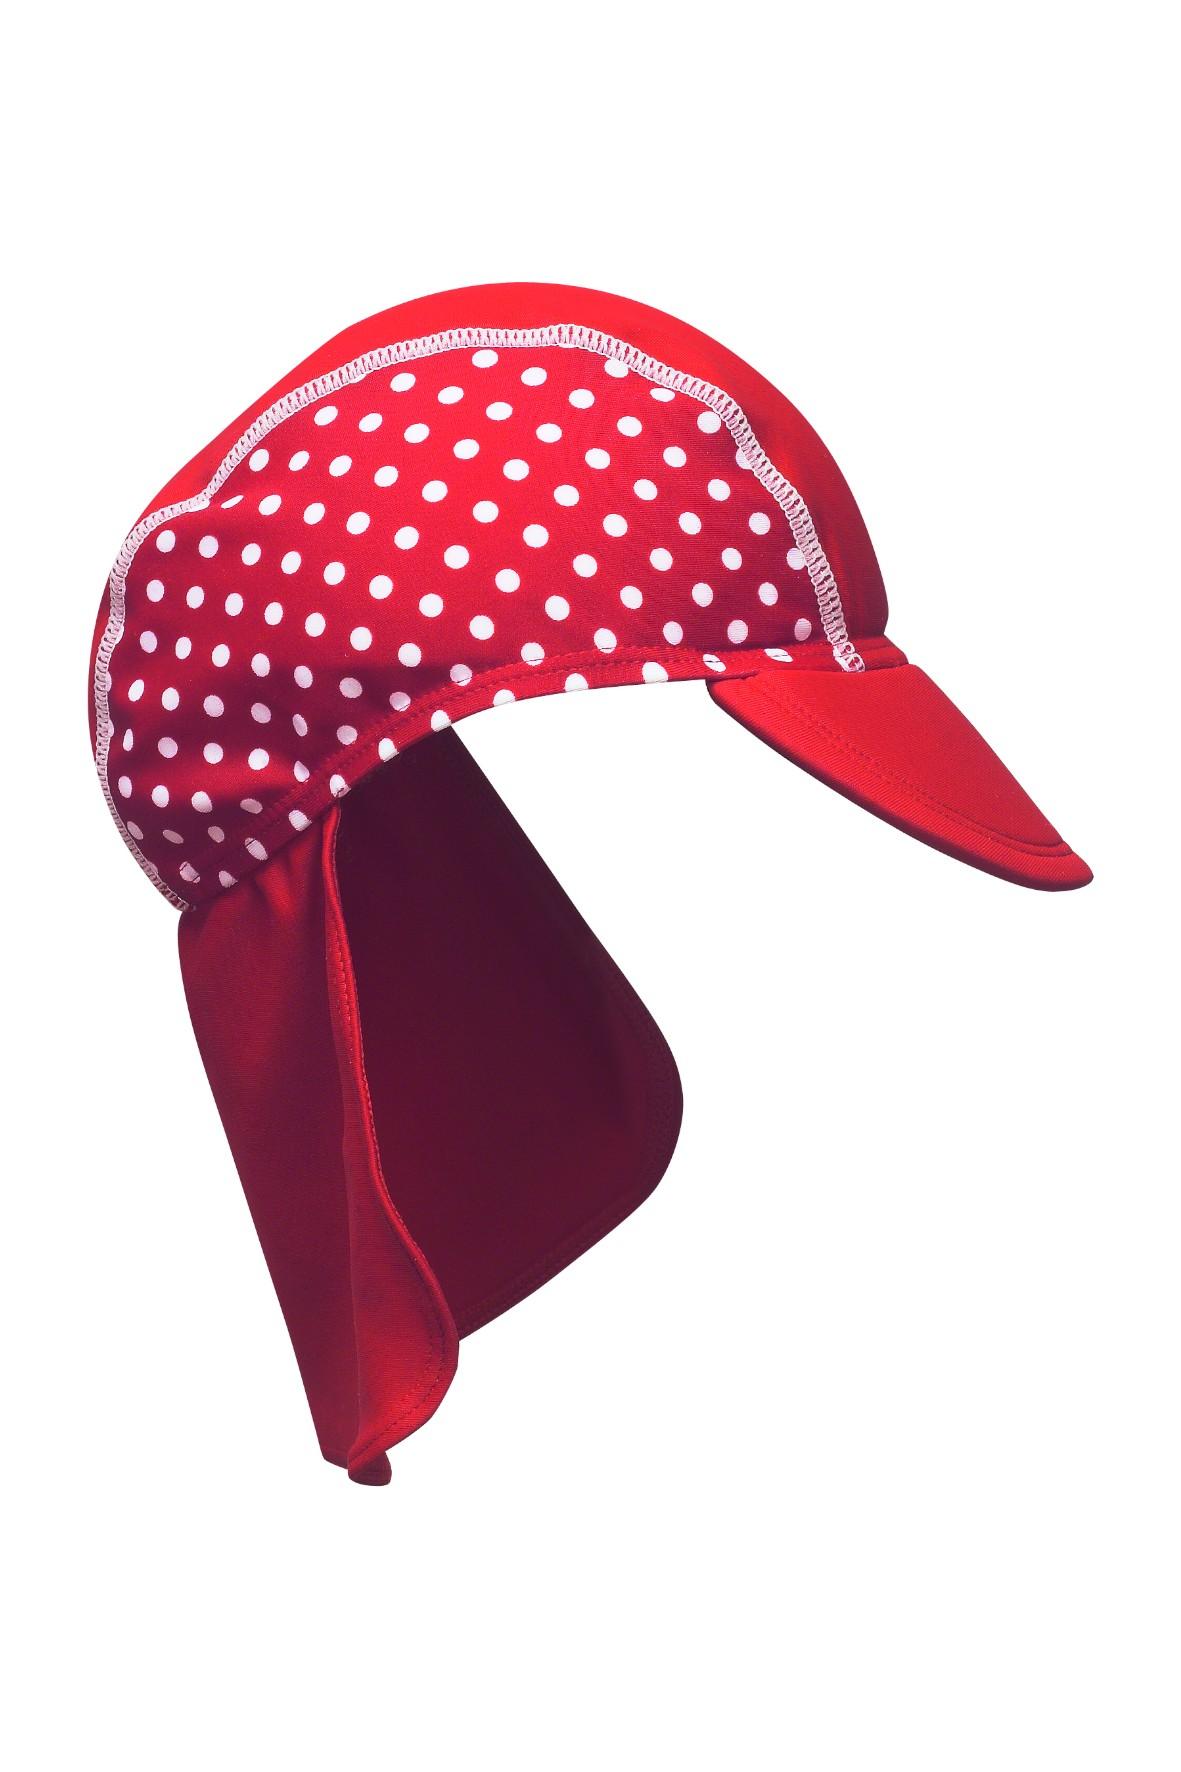 Czapka ochronna z filtrem UV czerwona w kropki